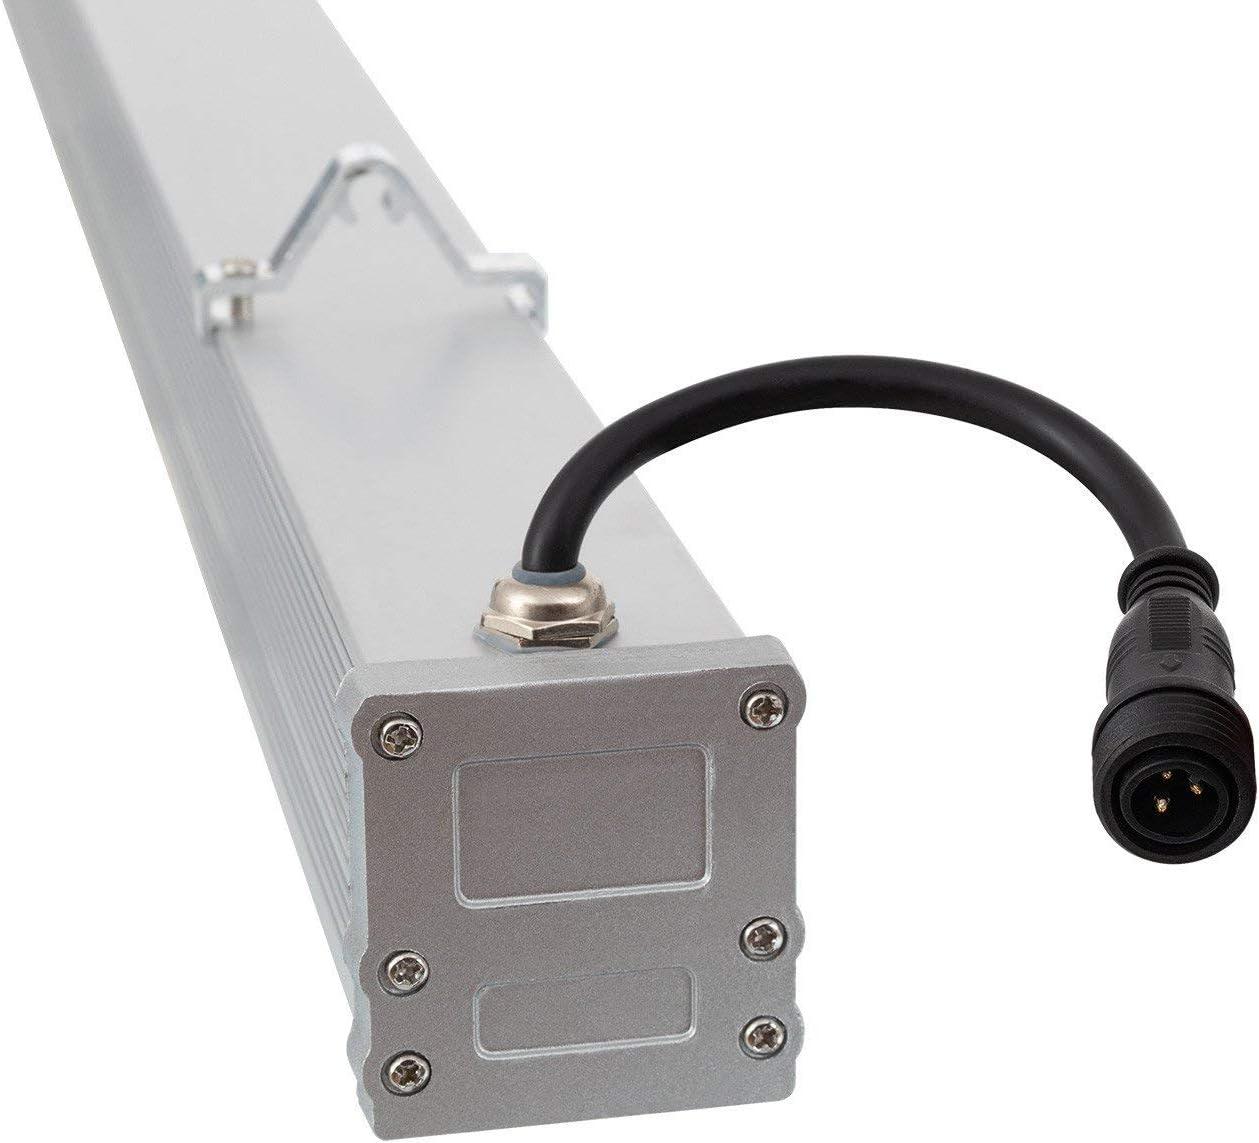 LEDKIA LIGHTING LED Lineal Wandfluter 1000mm 36W IP65 High Efficiency Warmes Weiß 2800K - 3200K Kaltes Weiß 5700k - 6200k